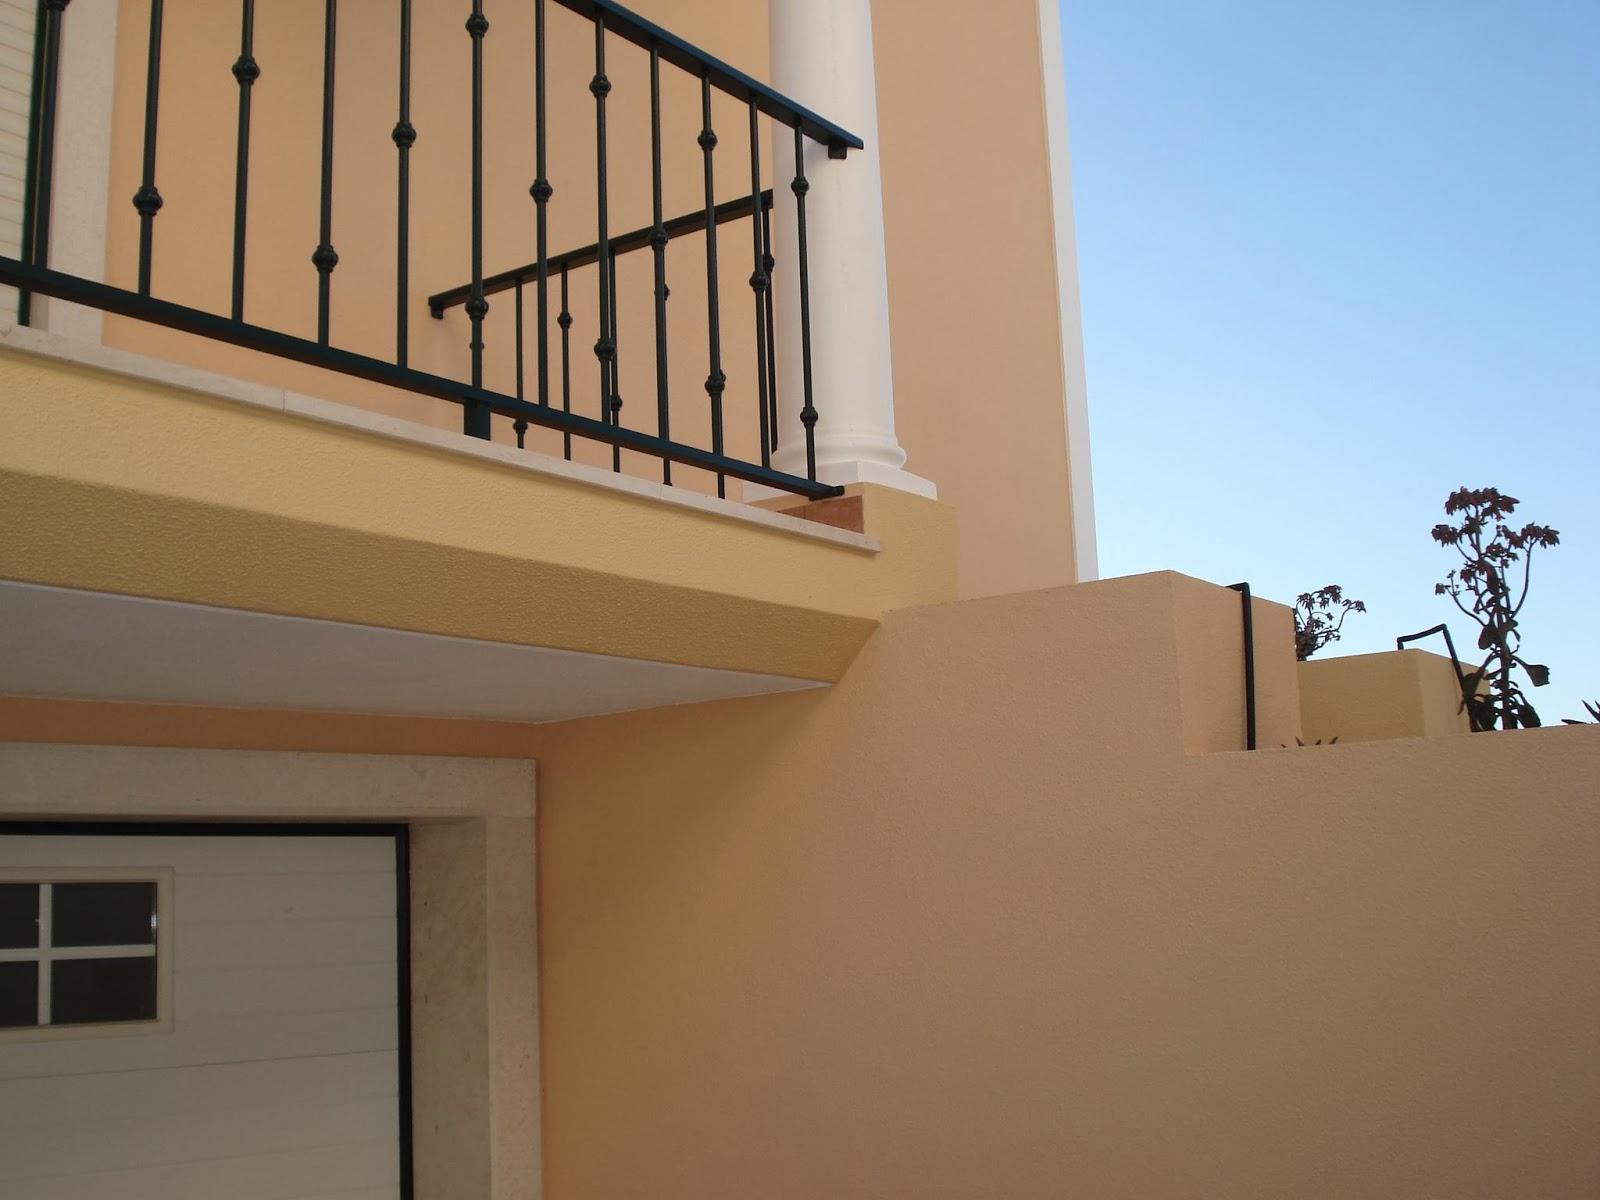 Degradação-por-efeito-da-luz-pintar-a-casa